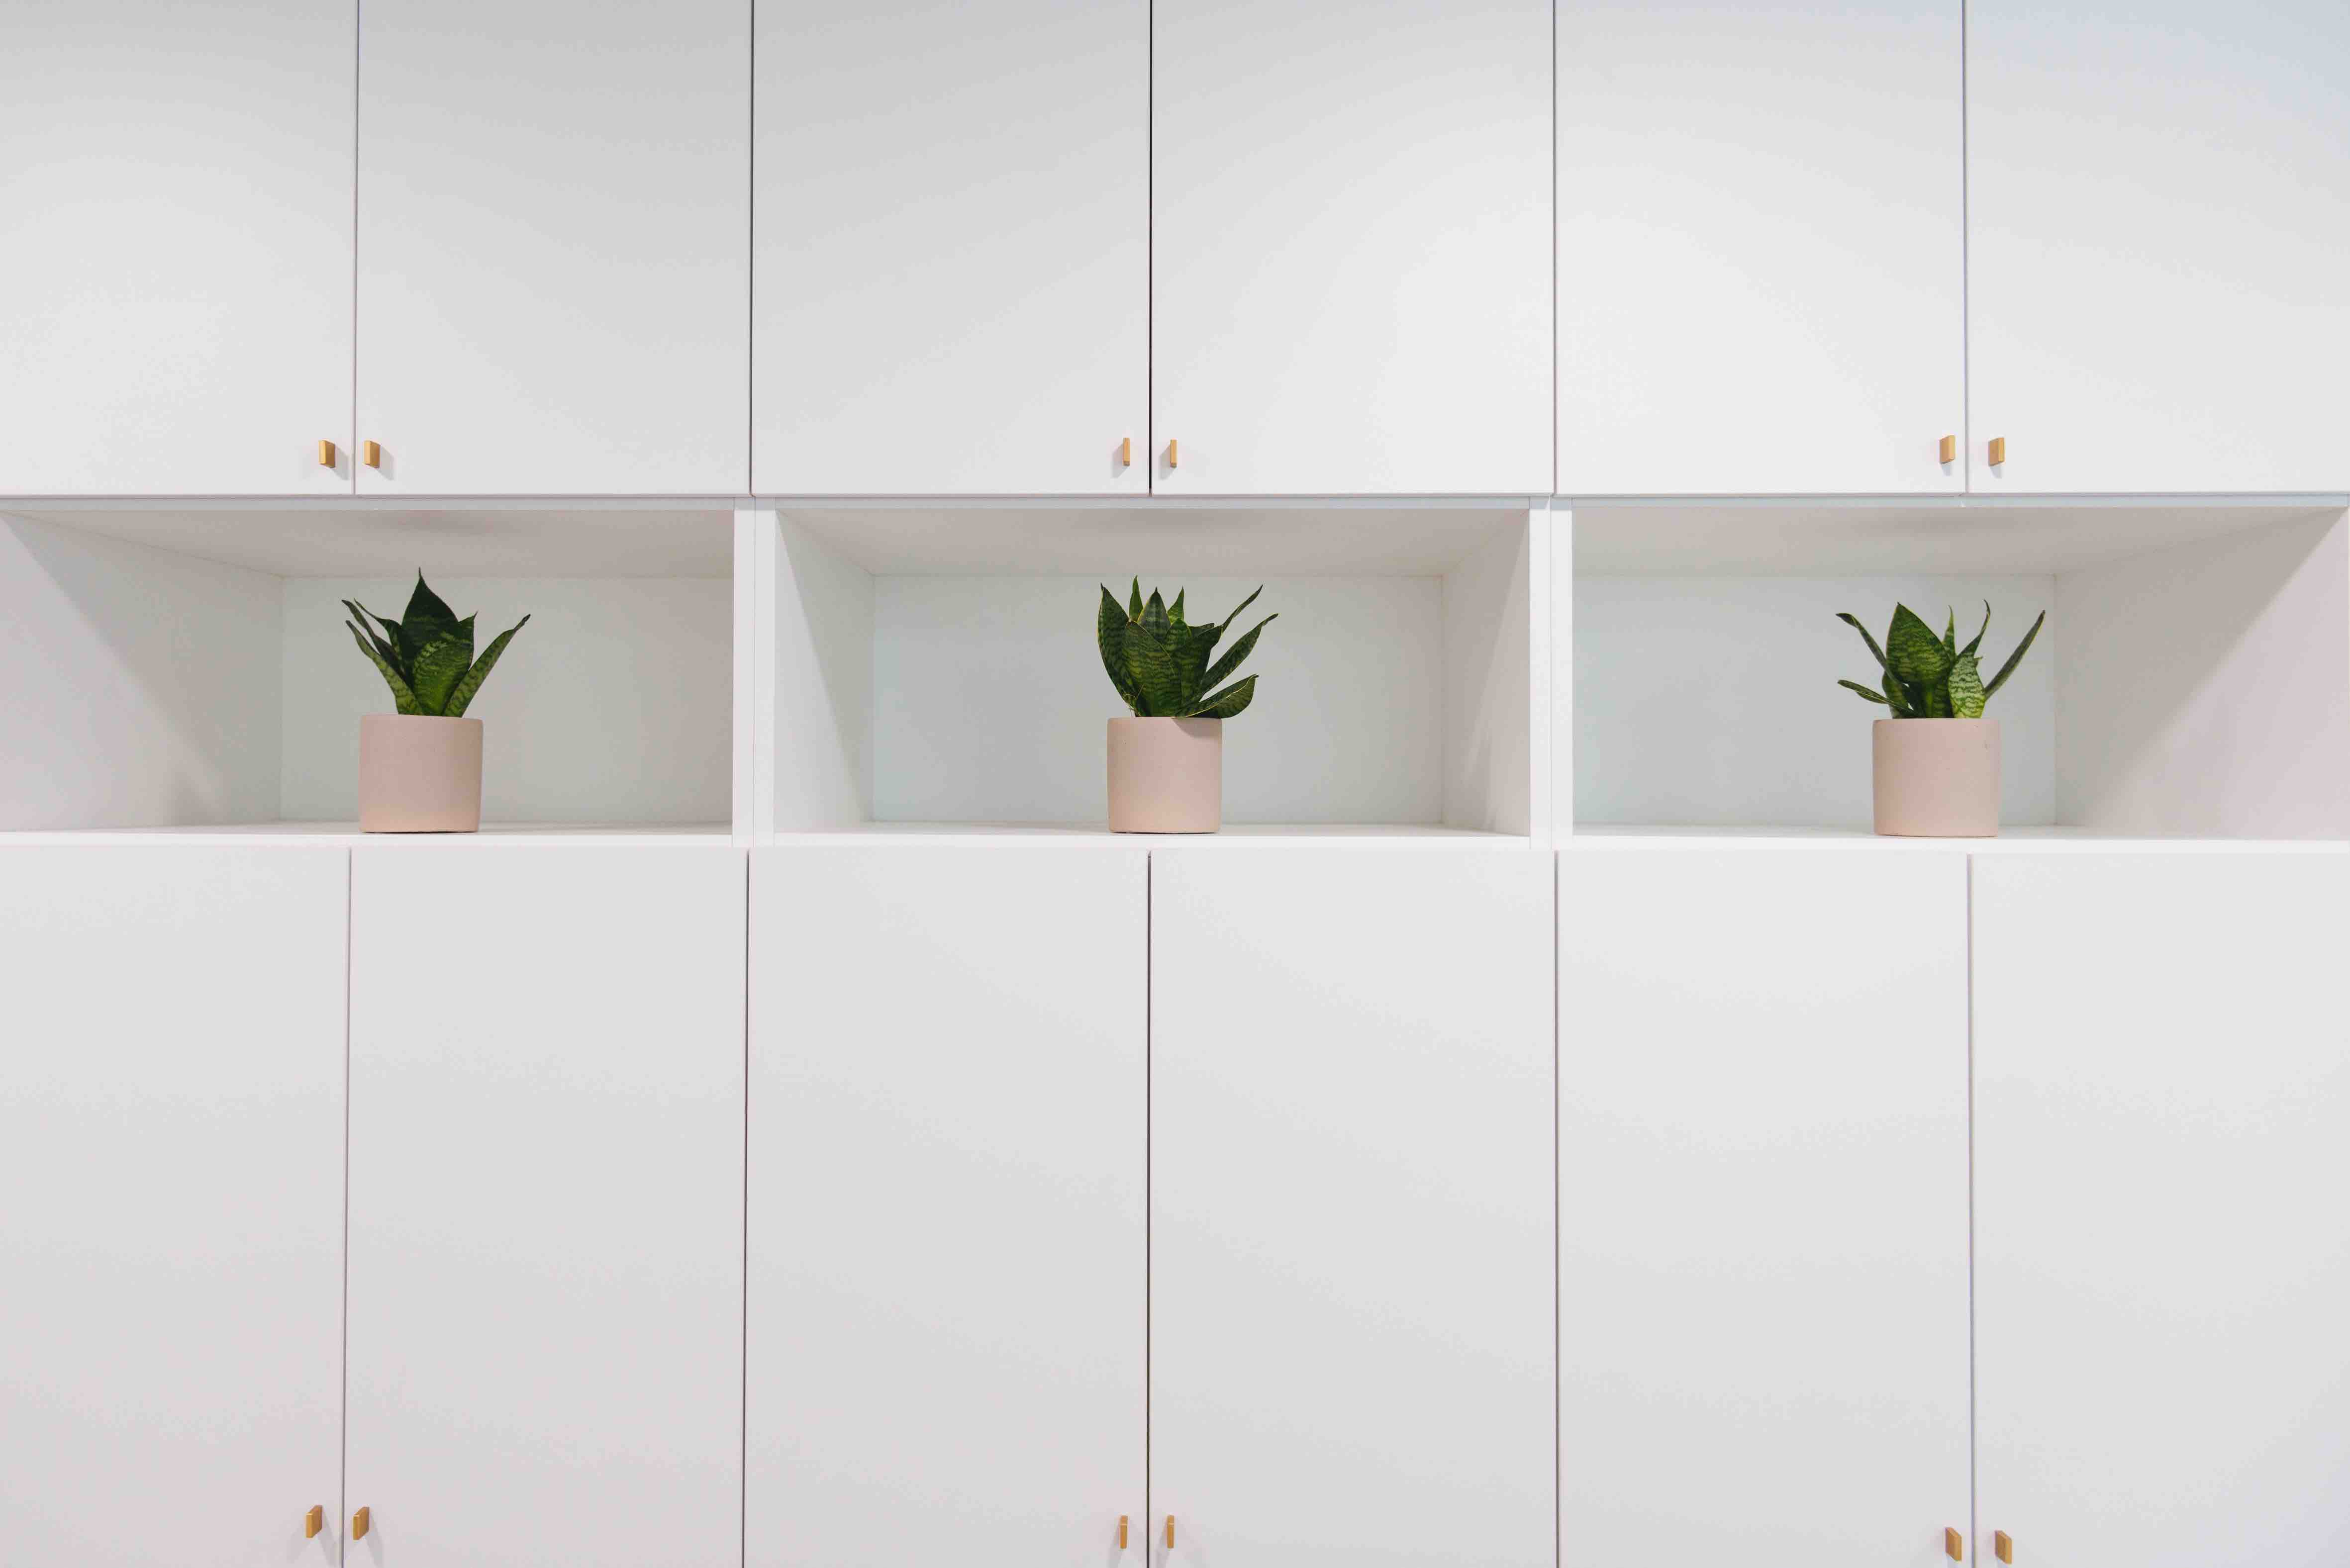 végétalisation bureaux sweet jungle paris plantes intérieur